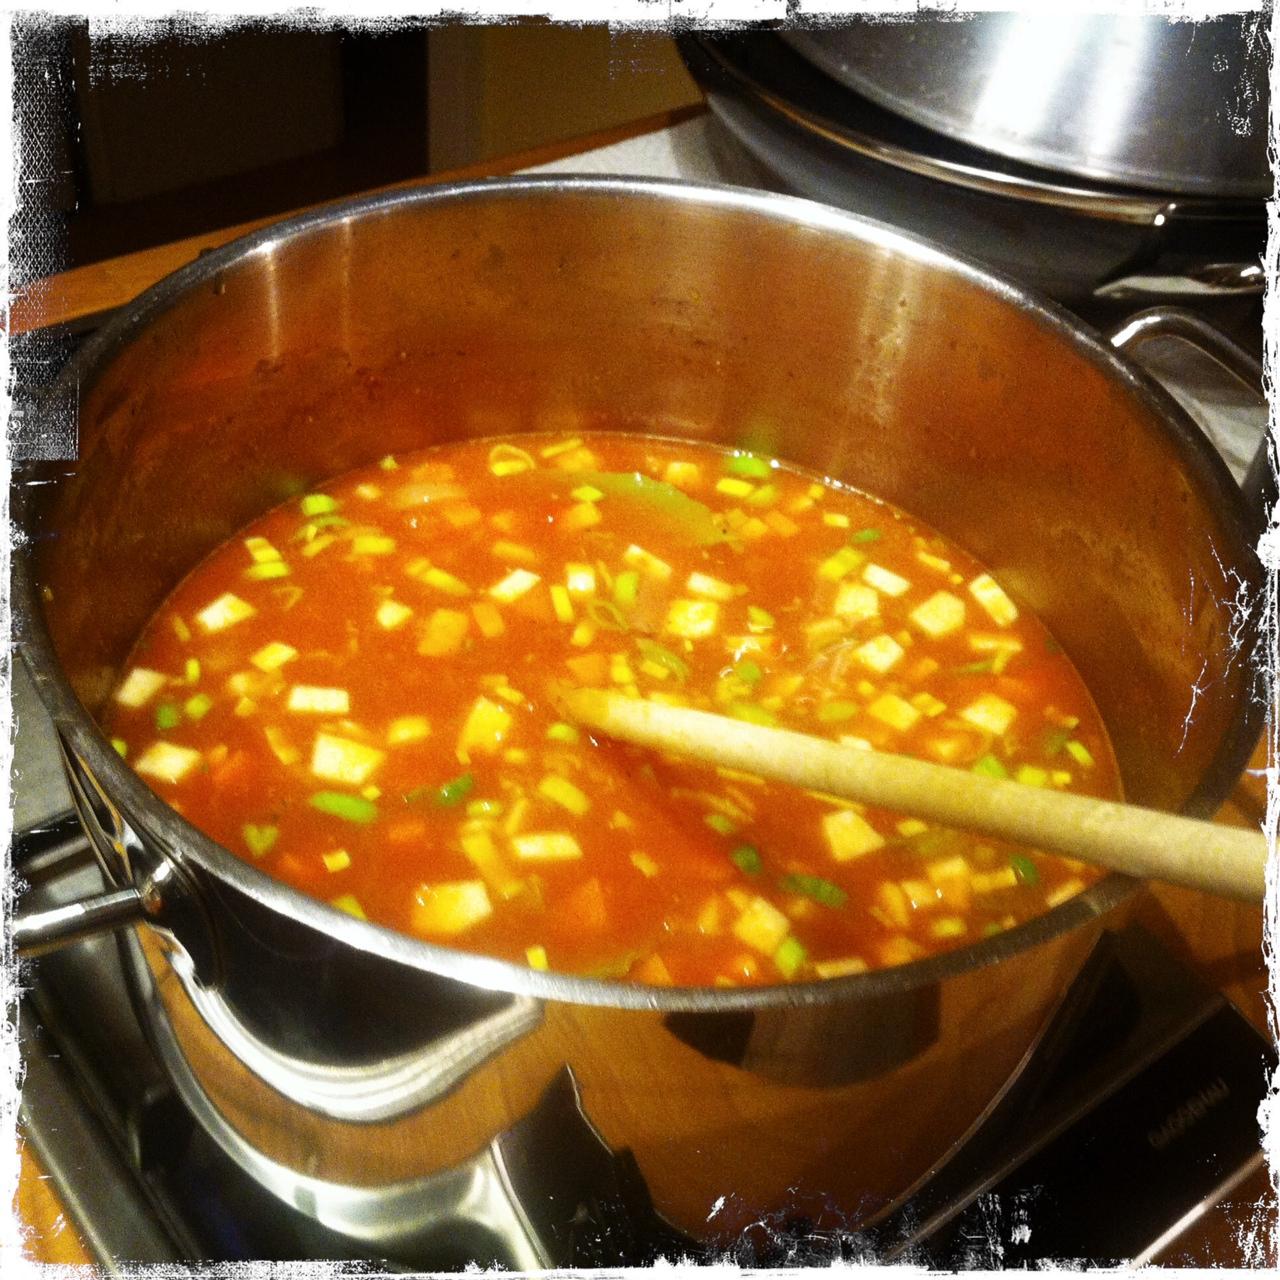 Alle Zutaten miteinander verrühren, aufkochen lassen und danach bei niedriger Temperatur ca. 2 Stunden köcheln lassen